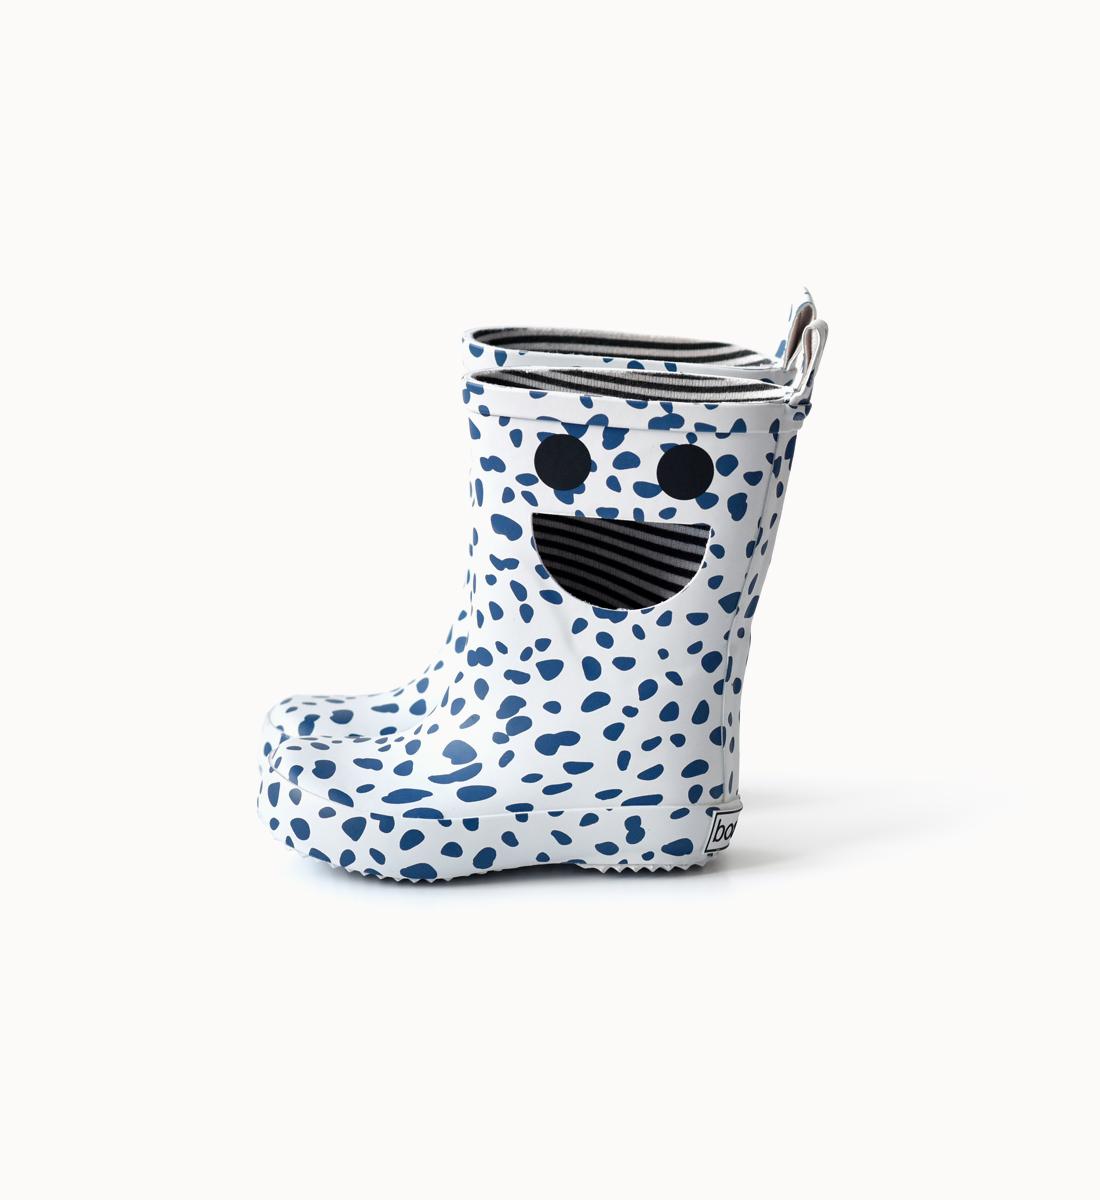 BOXBO 法國時尚雨靴 / 我愛笑瞇瞇系列-麥町藍